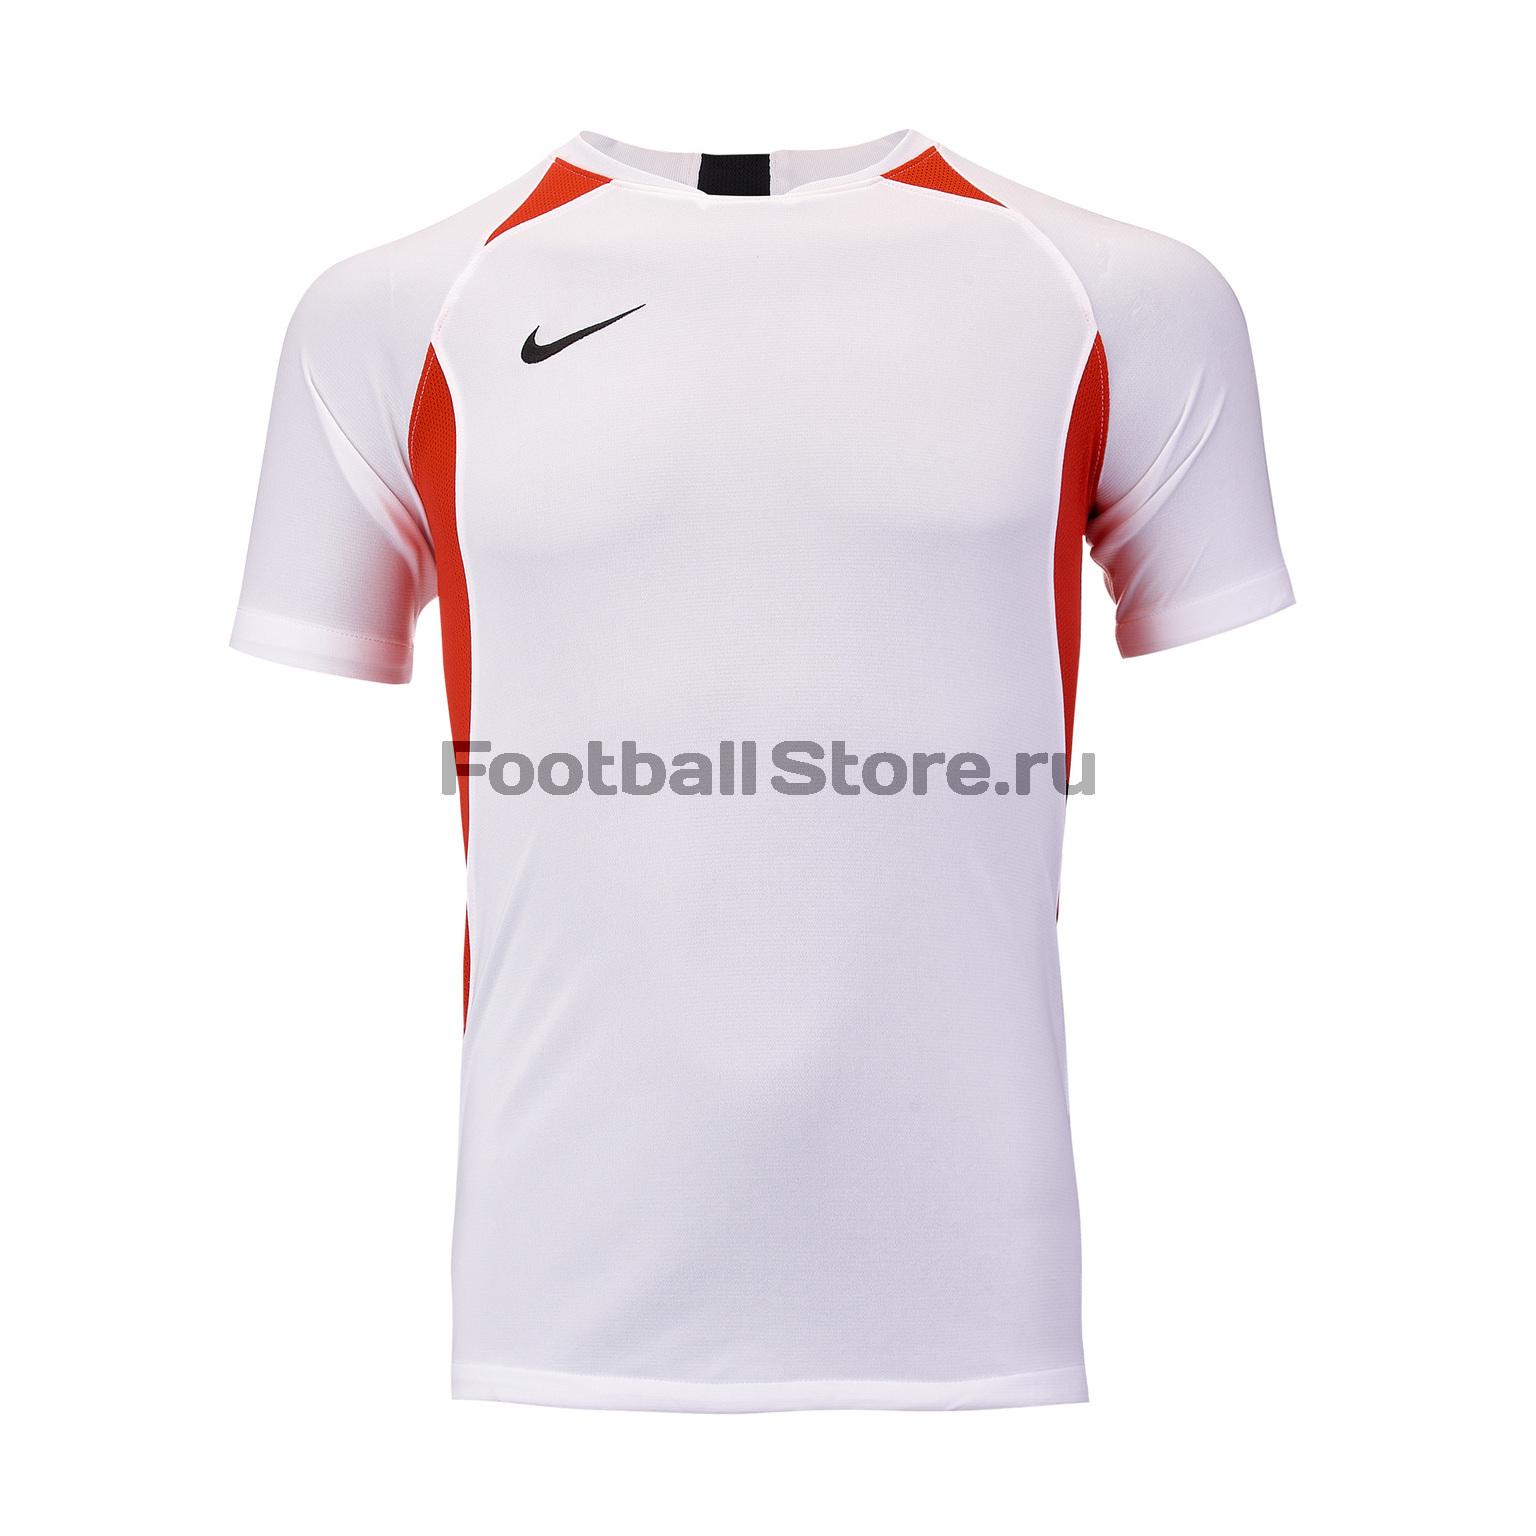 Футболка подростковая Nike Dry Legend SS AJ1010-101